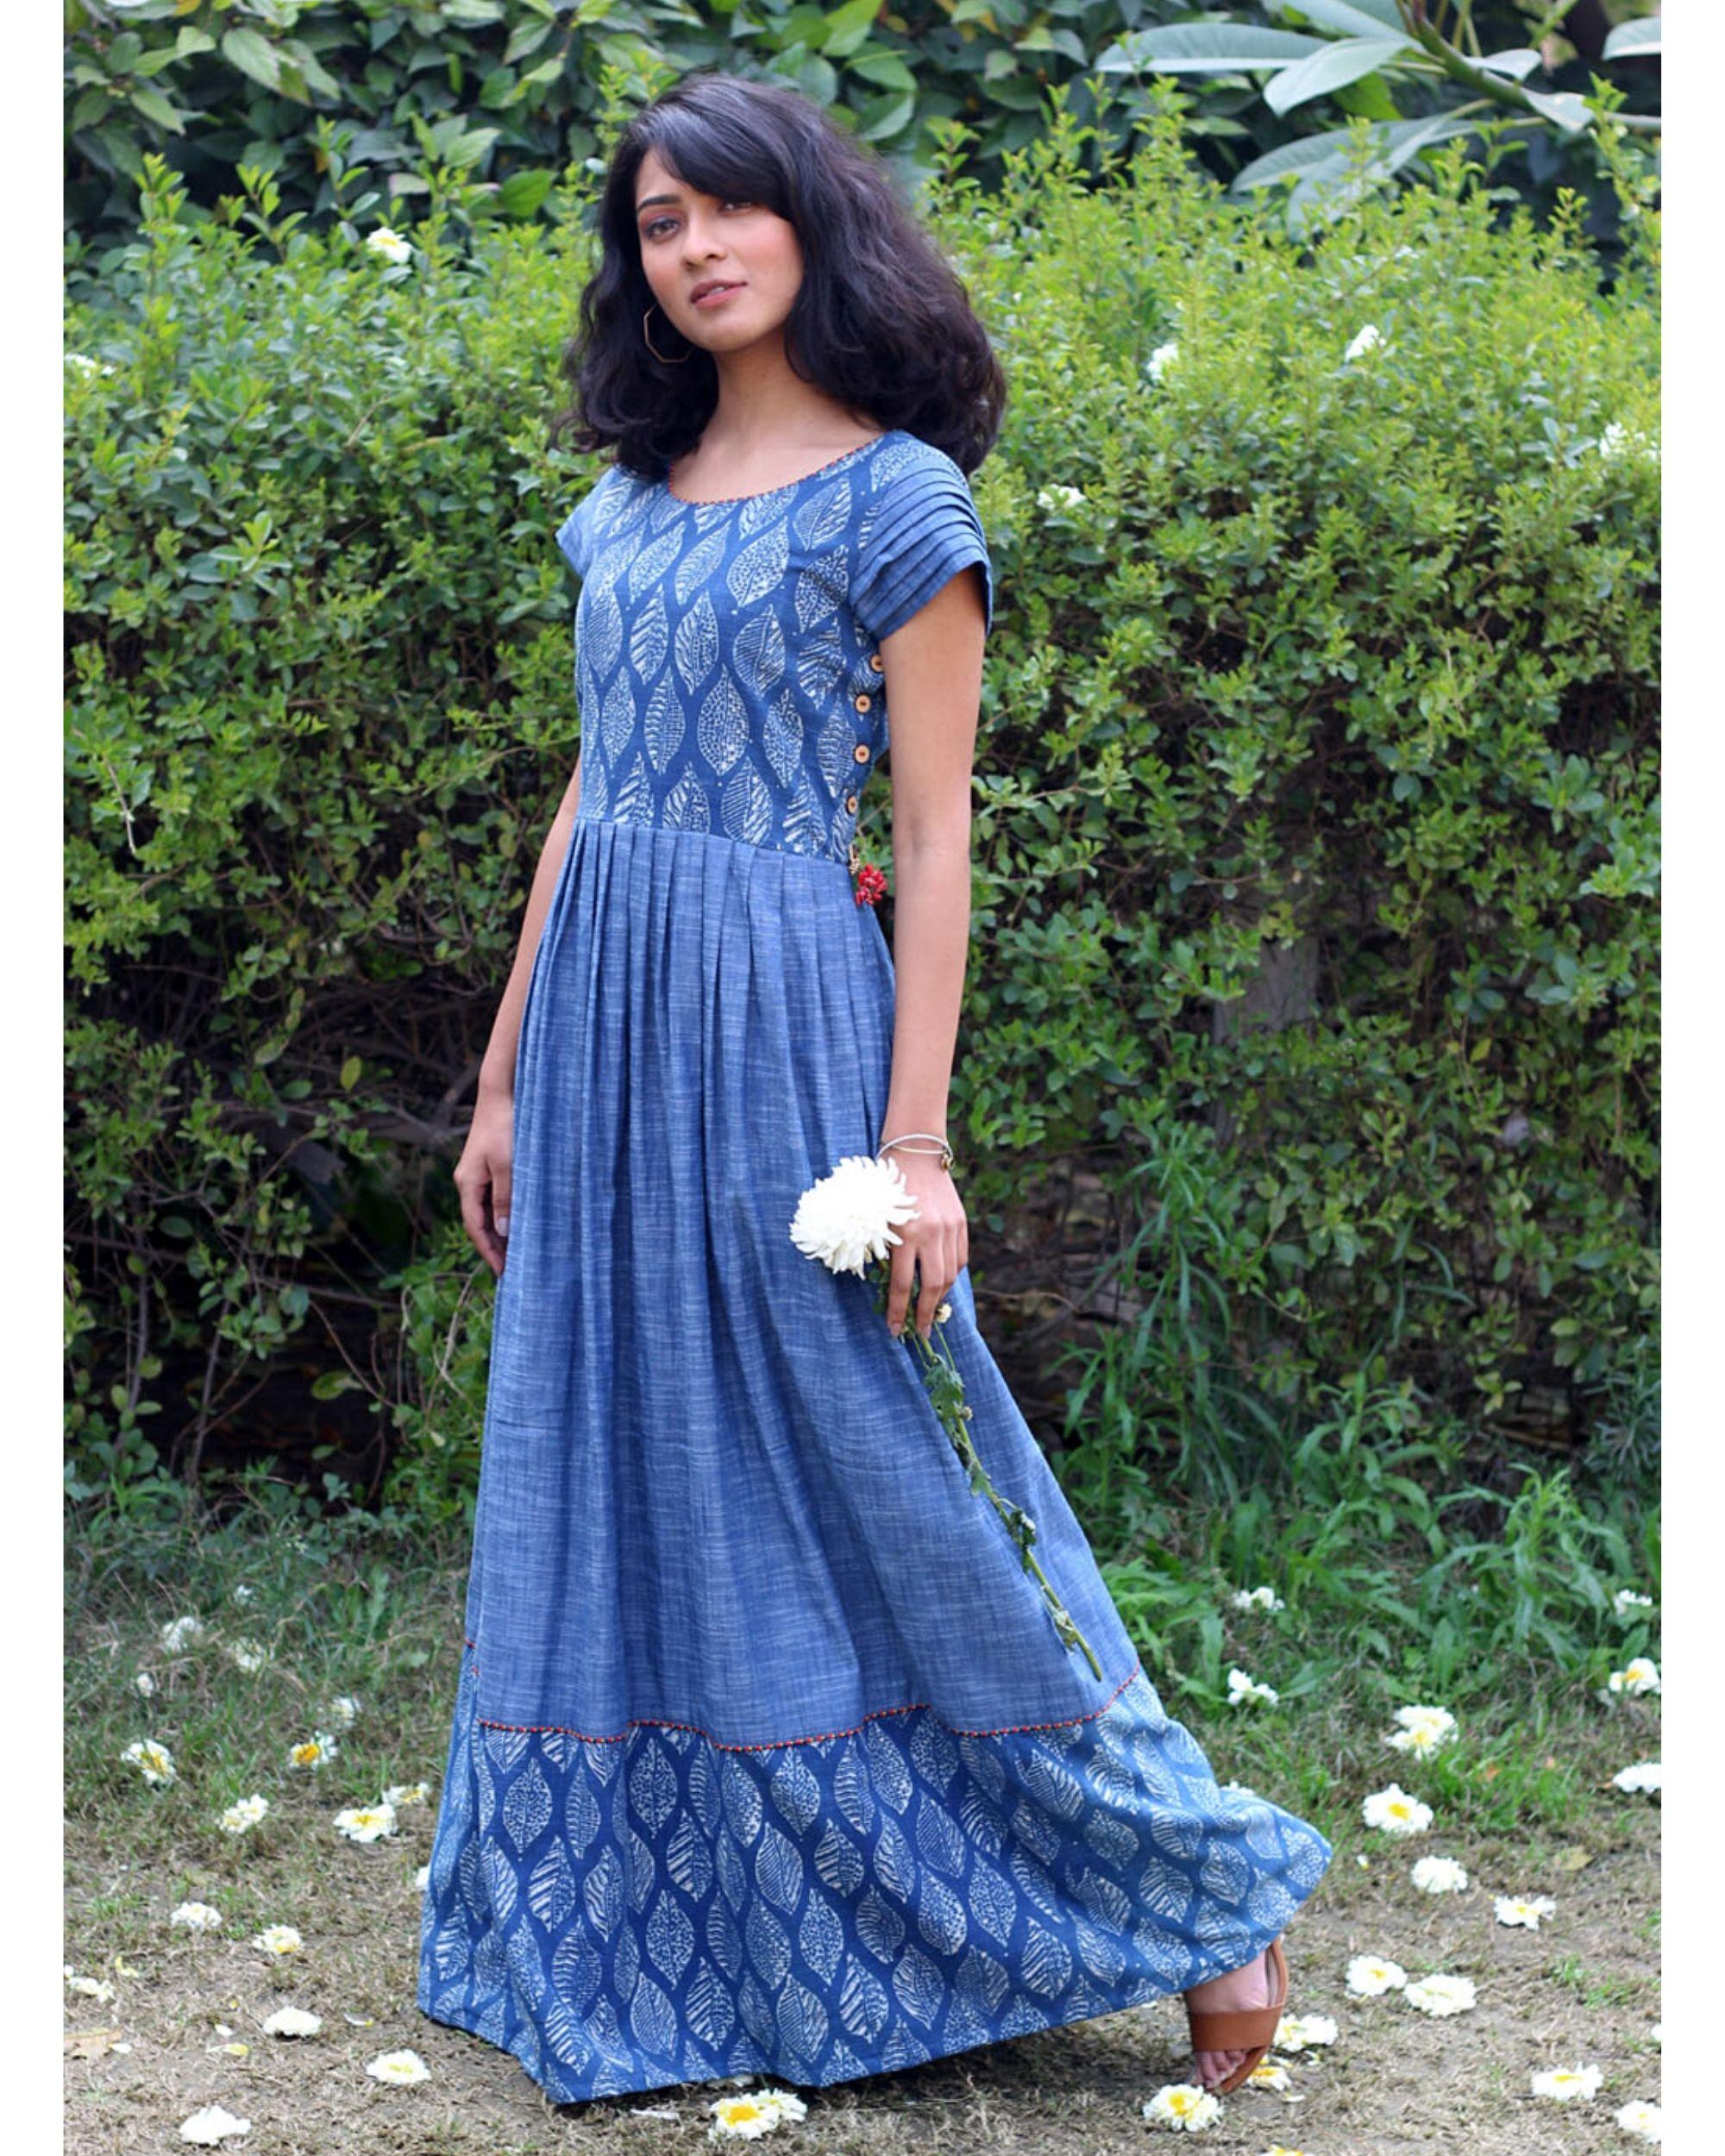 Blue leaf print pleated dress